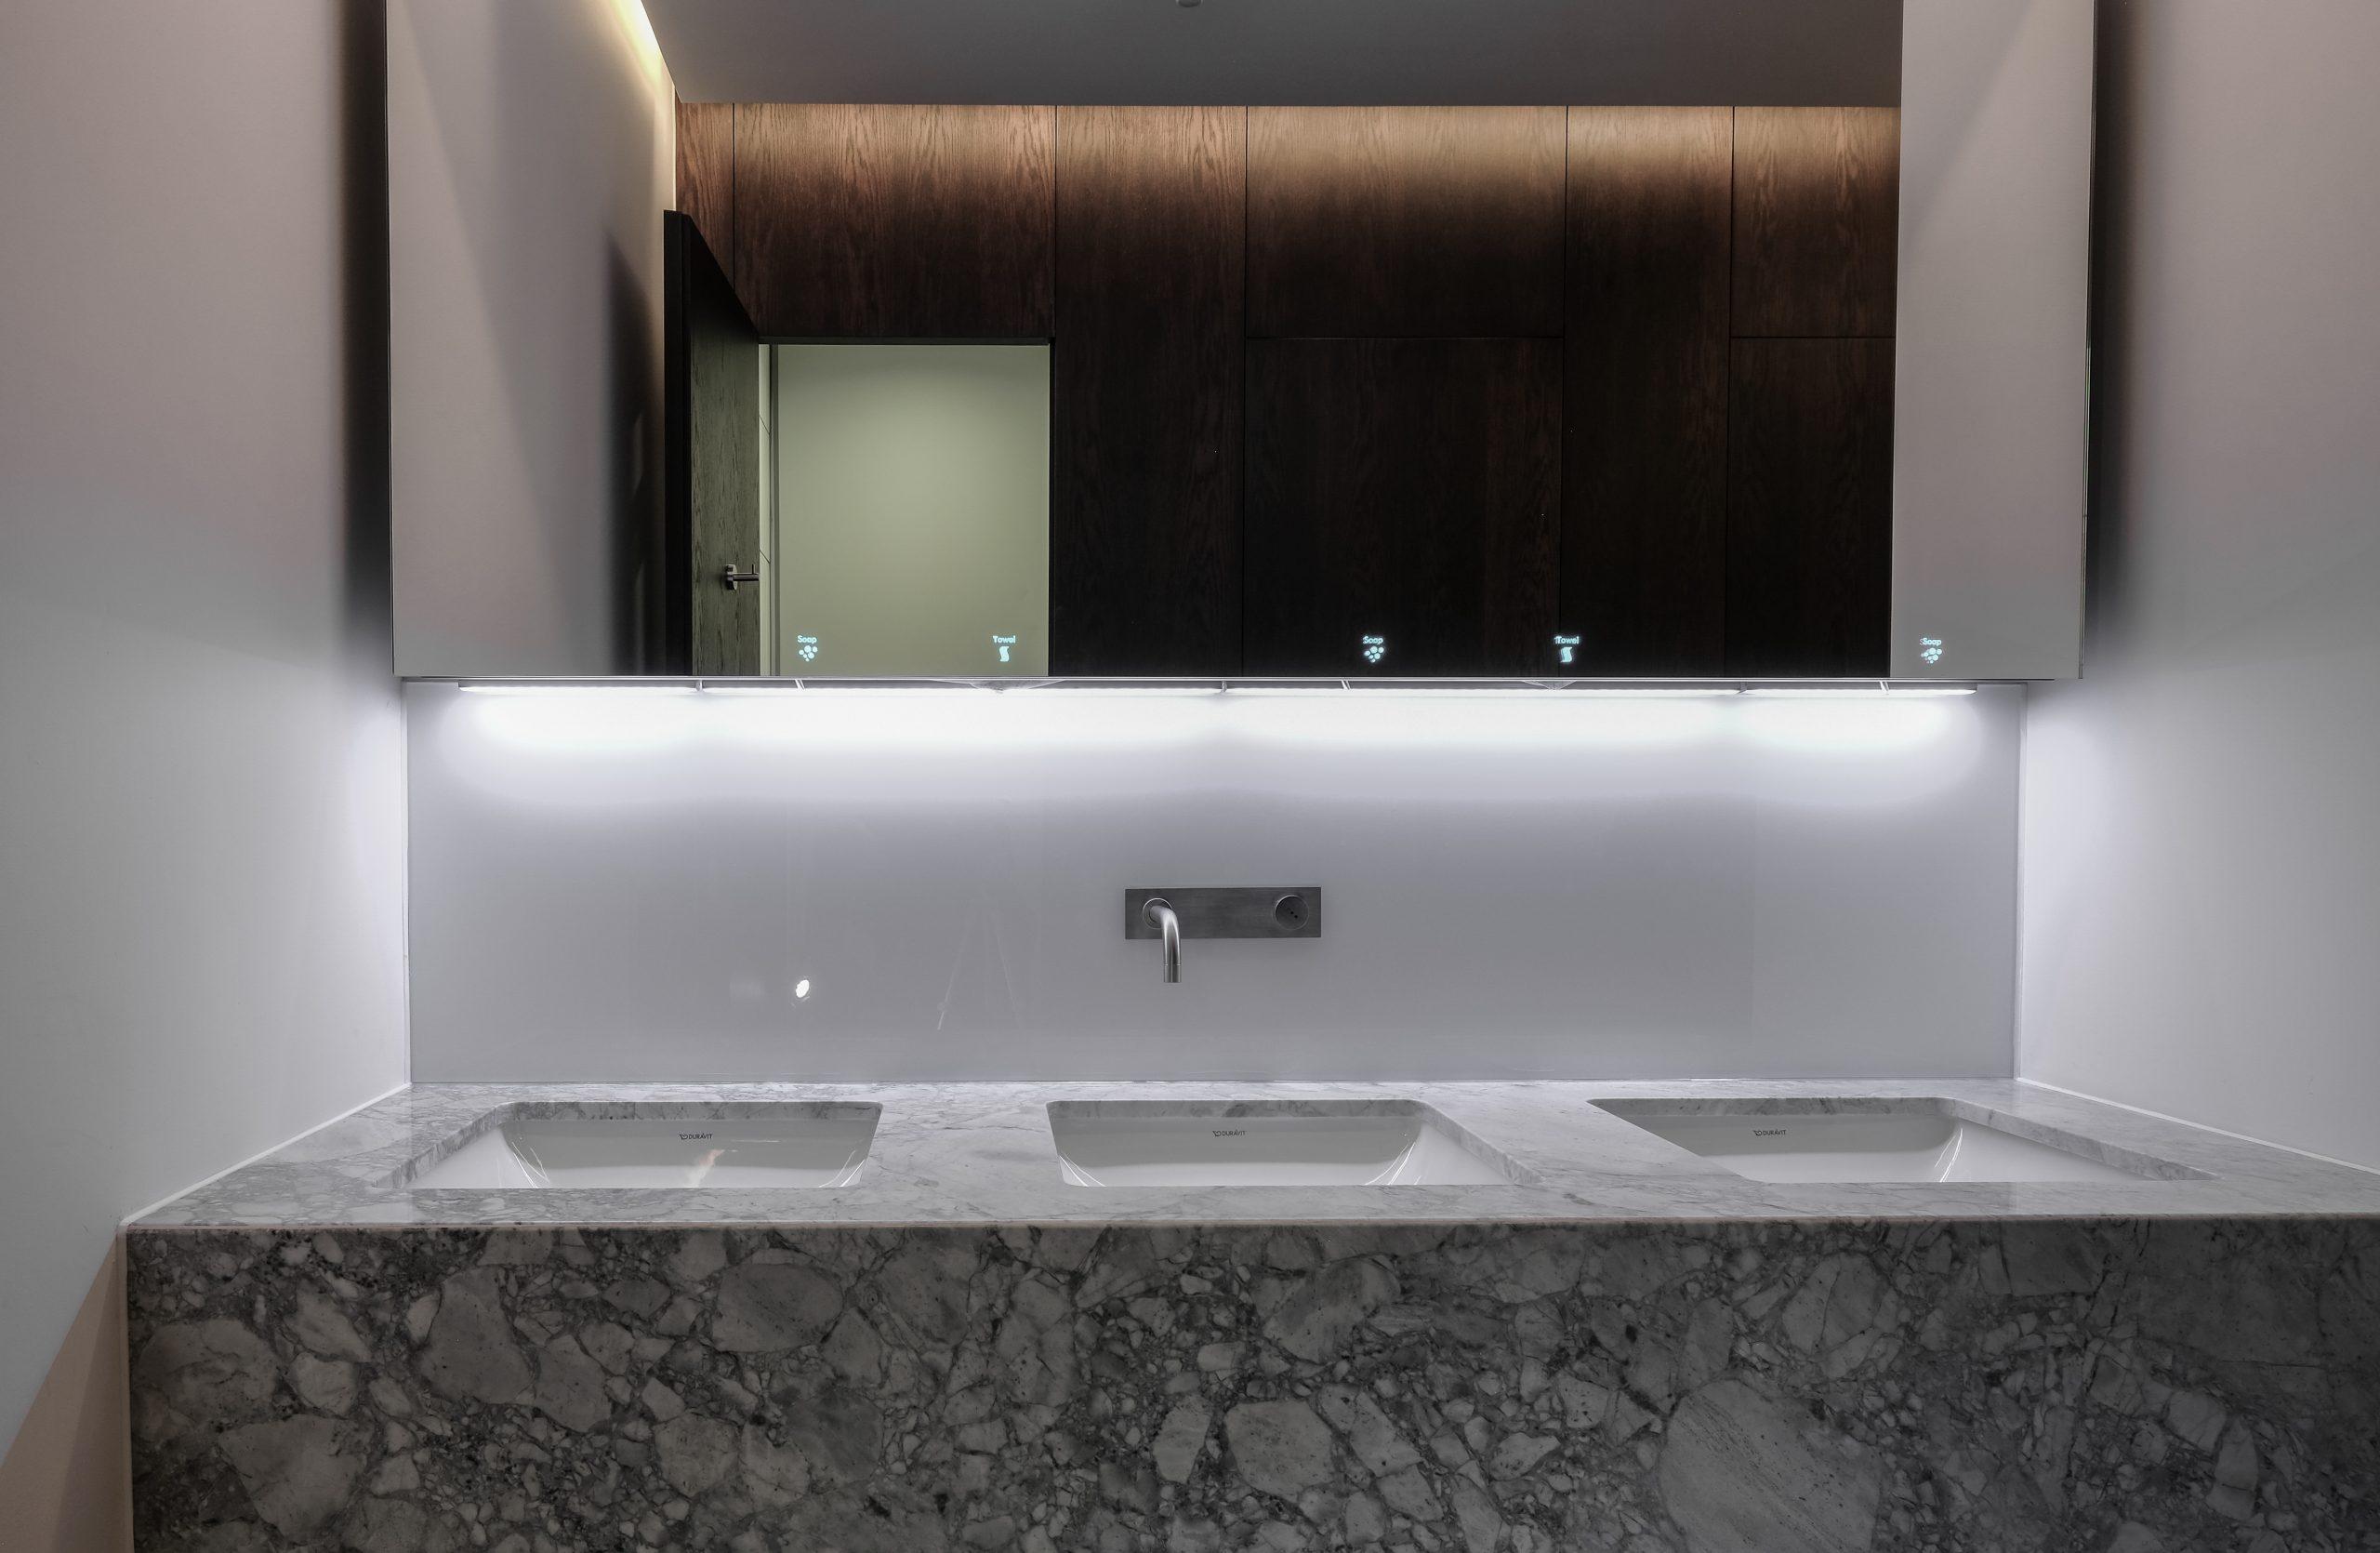 Holborn mock-up washroom full sized